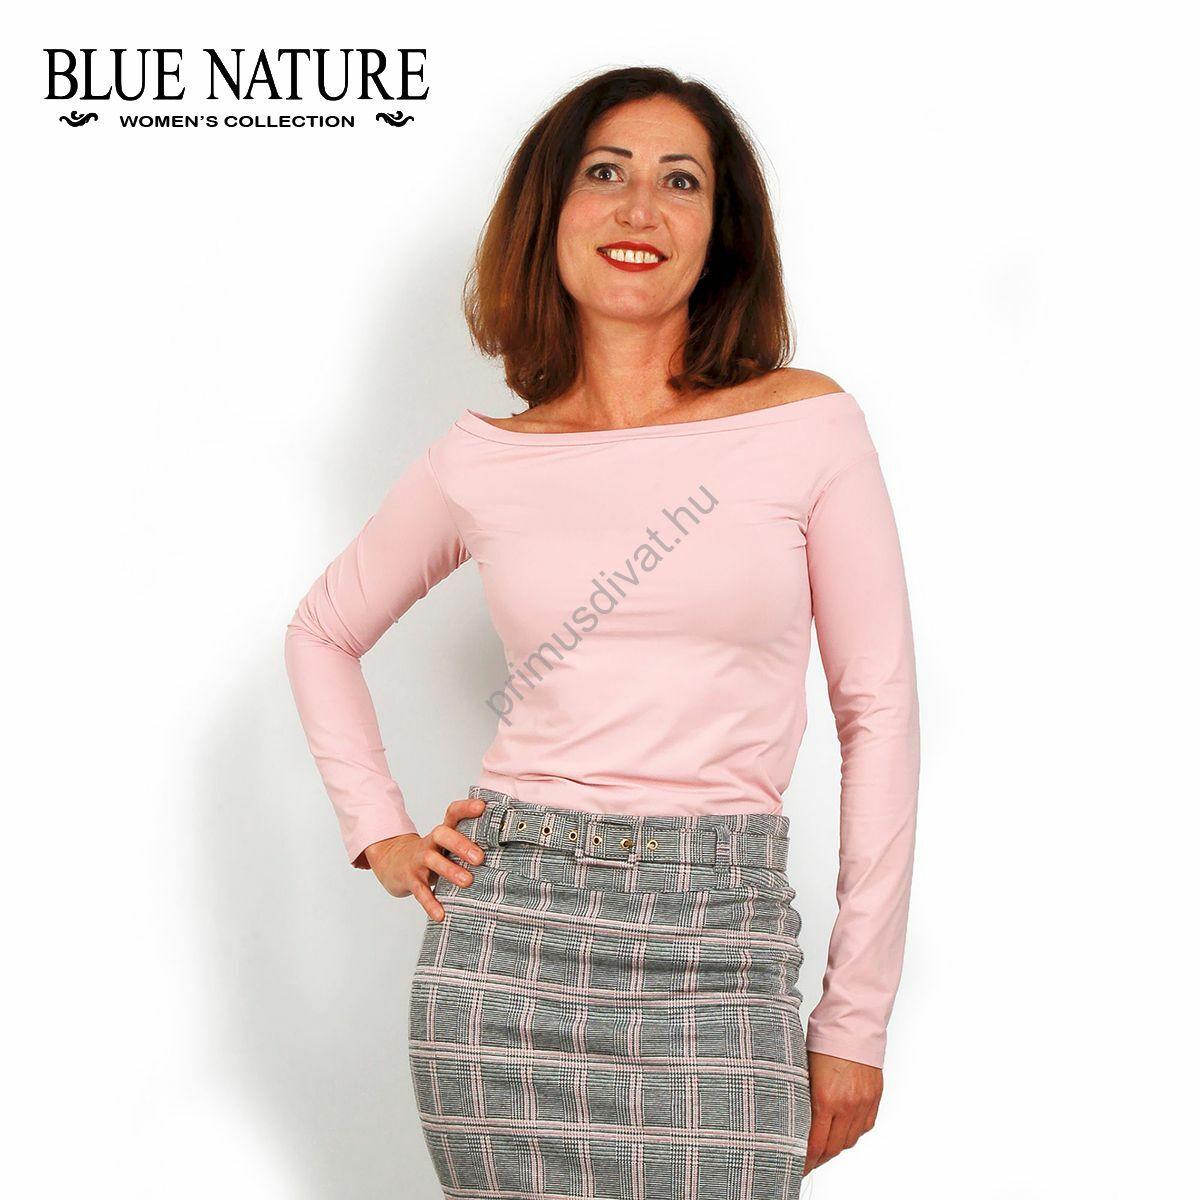 d7422598fe Kép 1/1 - Blue Nature csónaknyakú, rózsaszín hosszú ujjú felső, szűk,  normál fazon